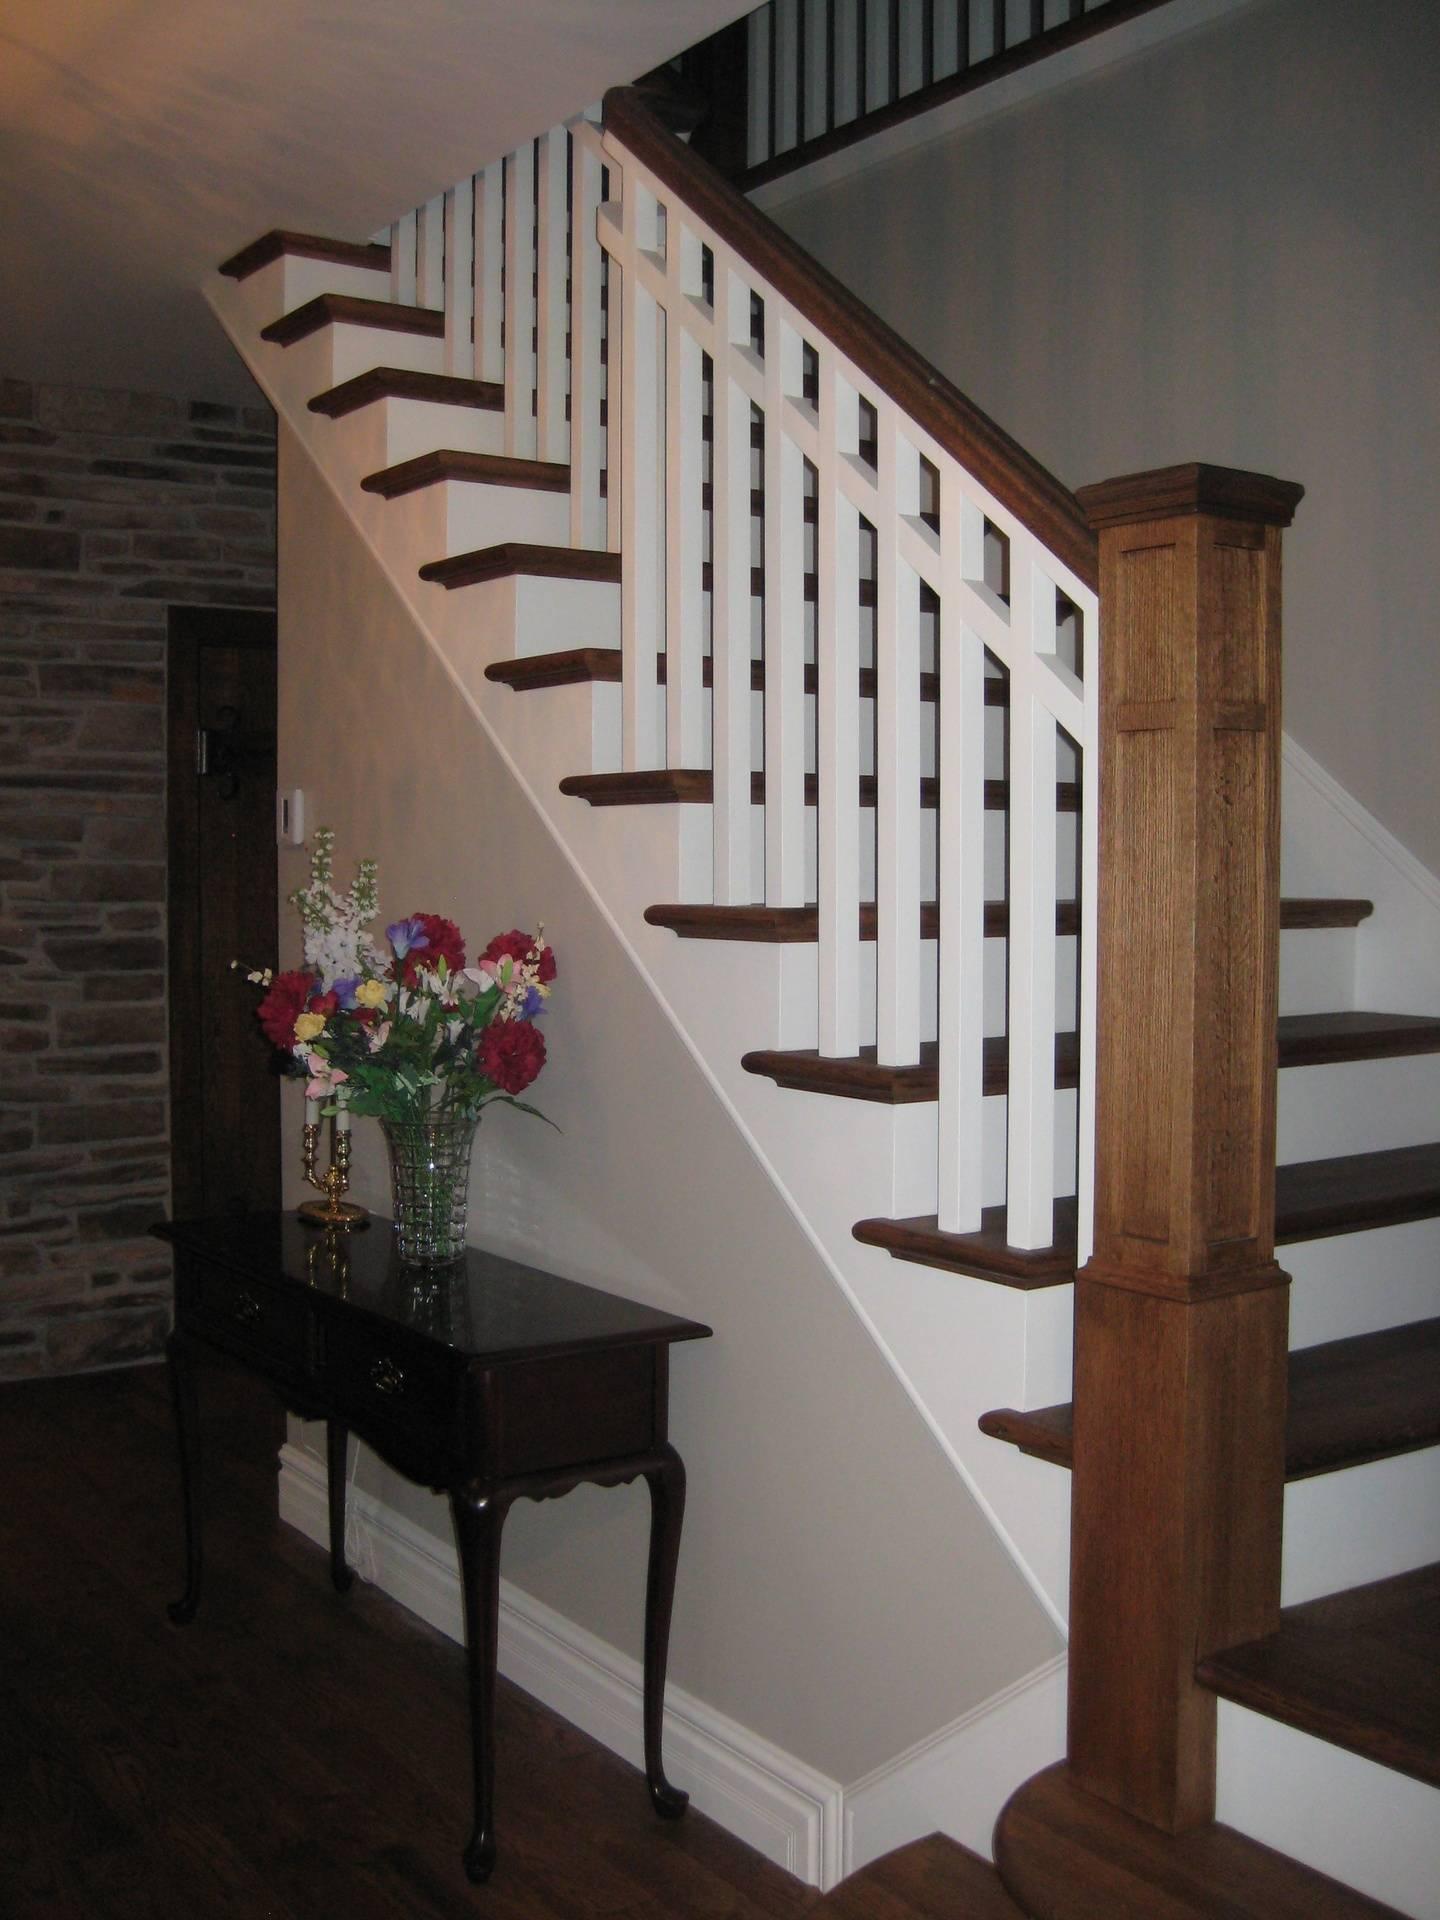 Escalier de bois, mixte teinture et lacque